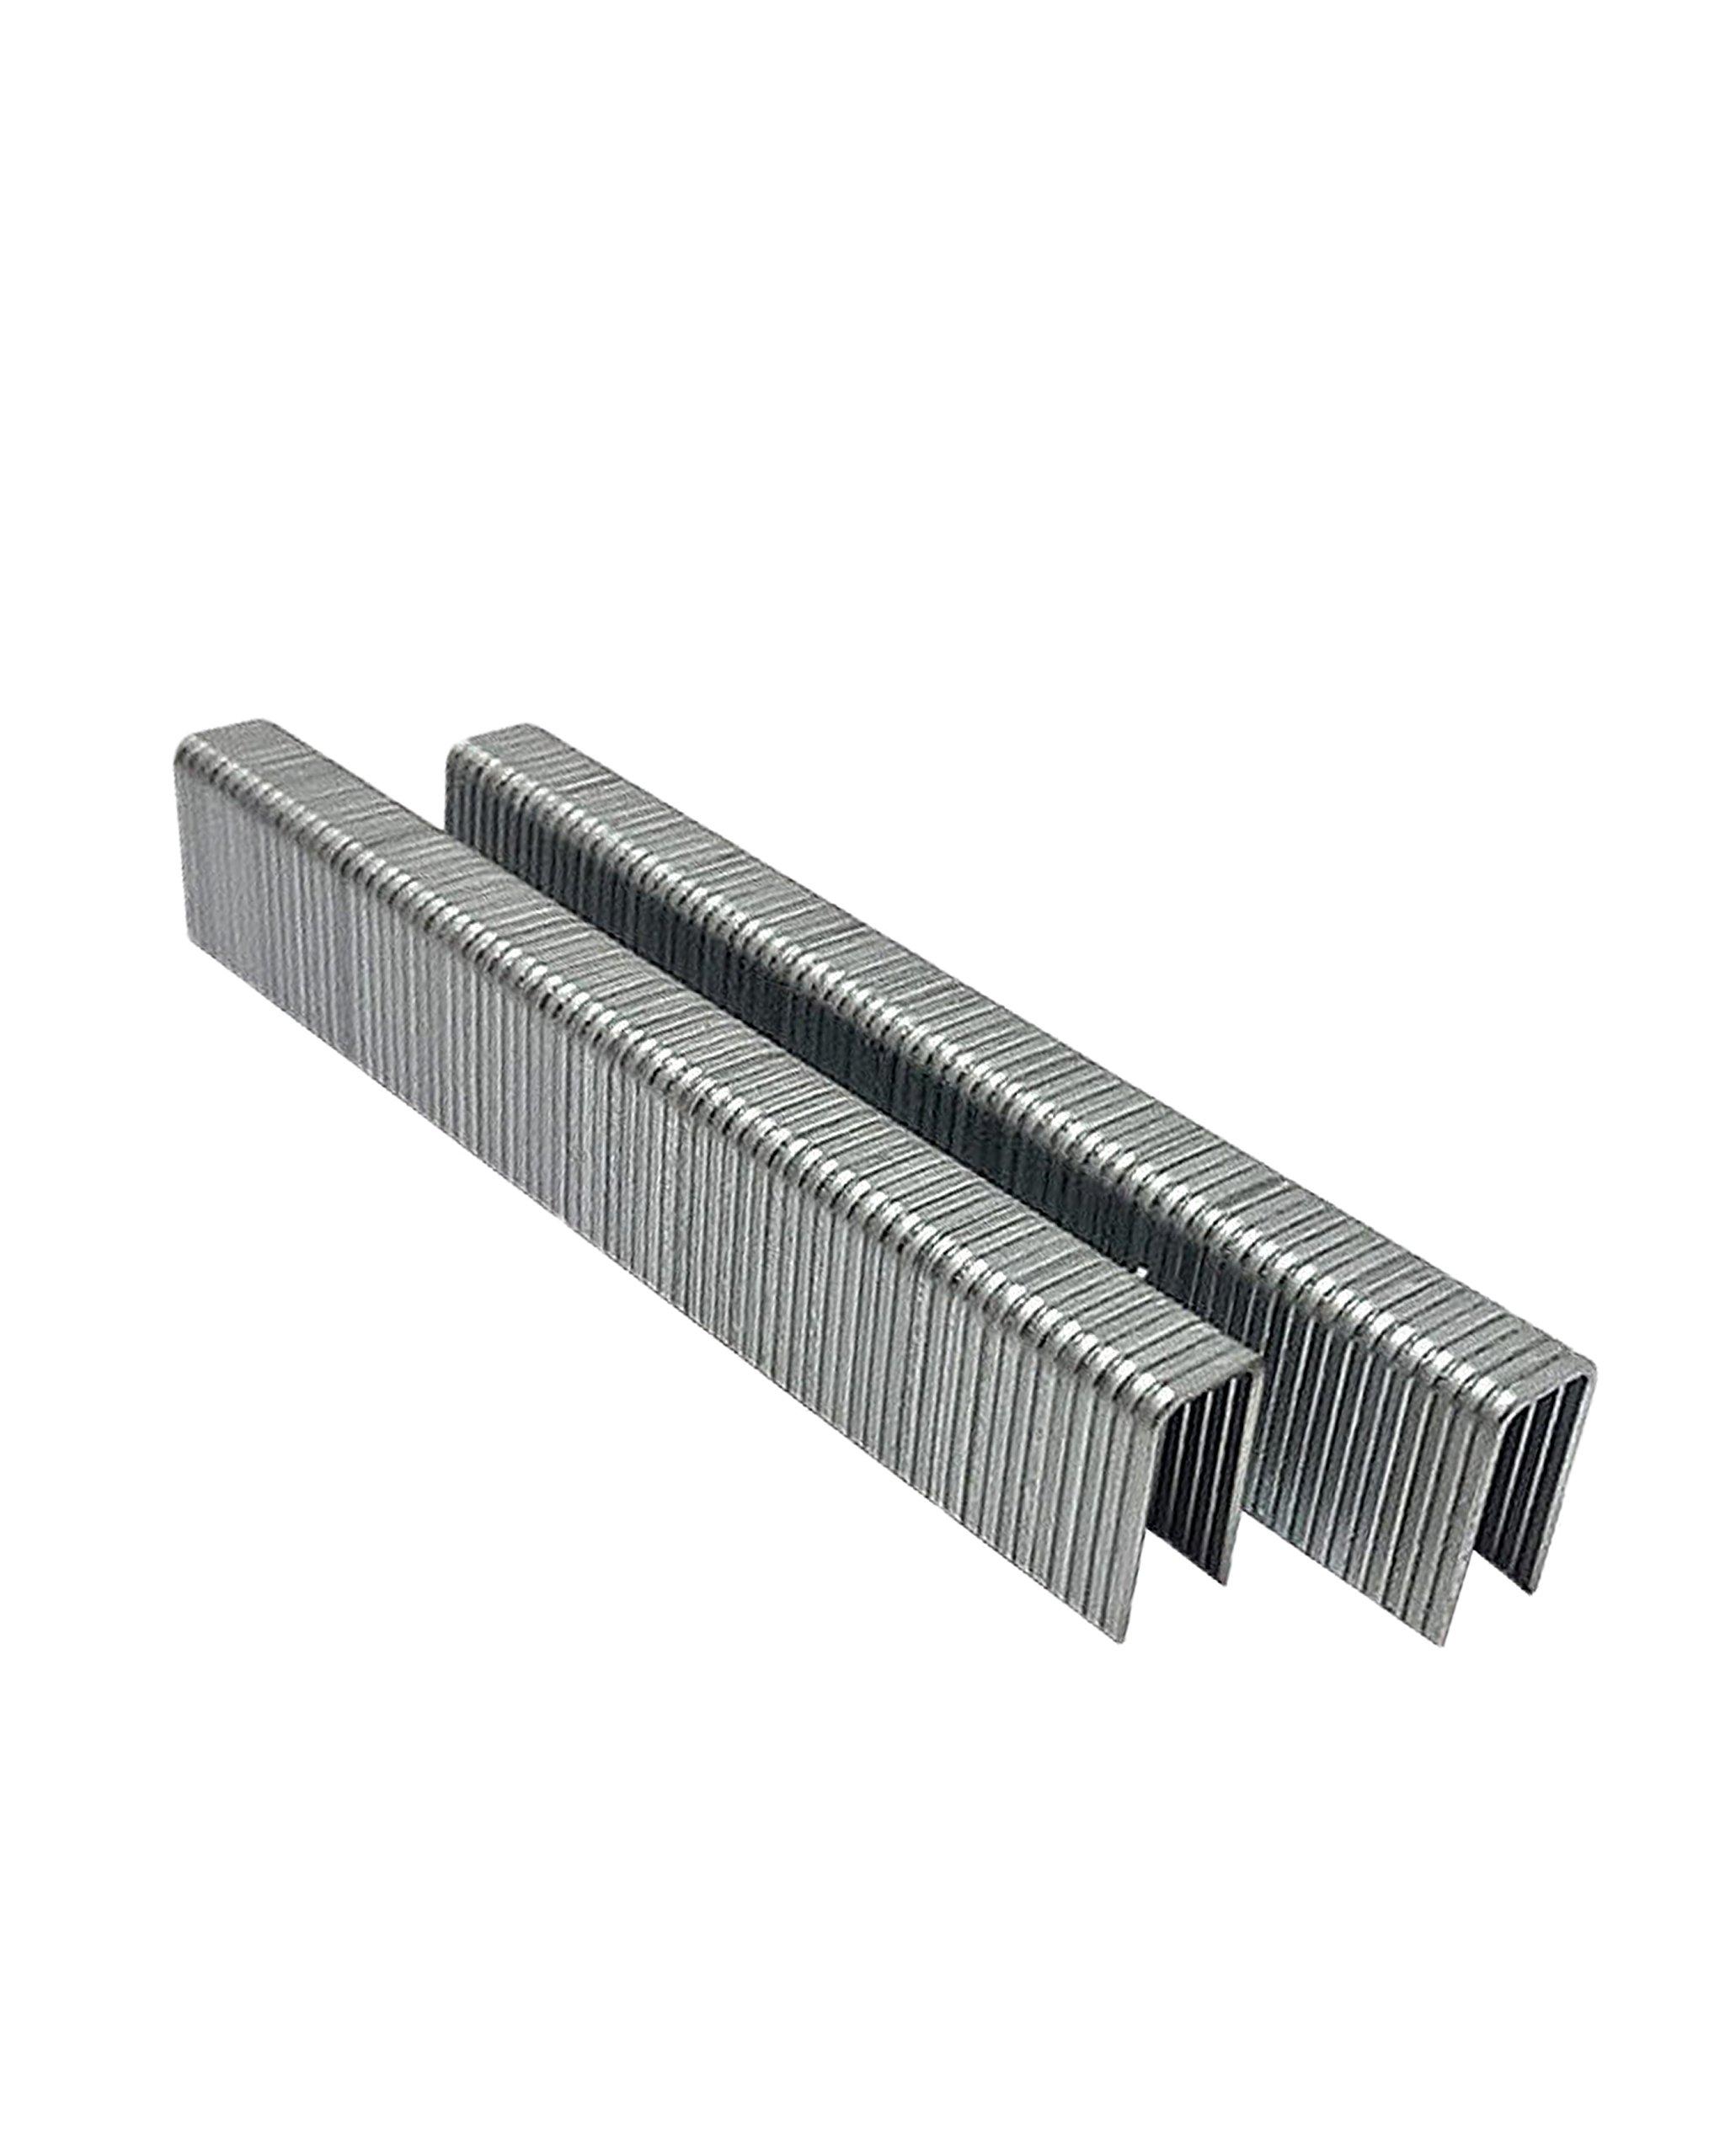 5000 Pcs 5/8 Long x 1/4 Galvanized Steel Wire L Staples, Pins 18-Gauge Nerrow Crown Staples, For Stapler Gun, Hitachi, Senco, Porter Cable, etc. Air Tool Super-Deals-Shop